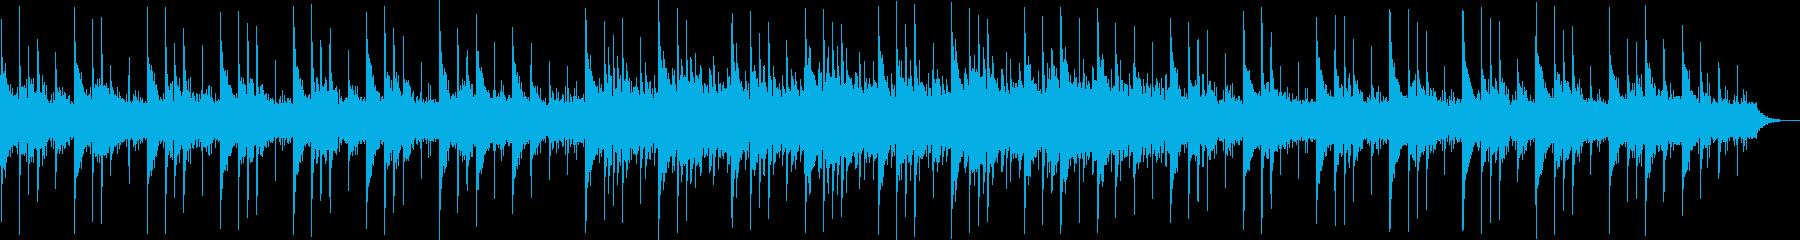 透き通るシンセサイザーサウンドの再生済みの波形